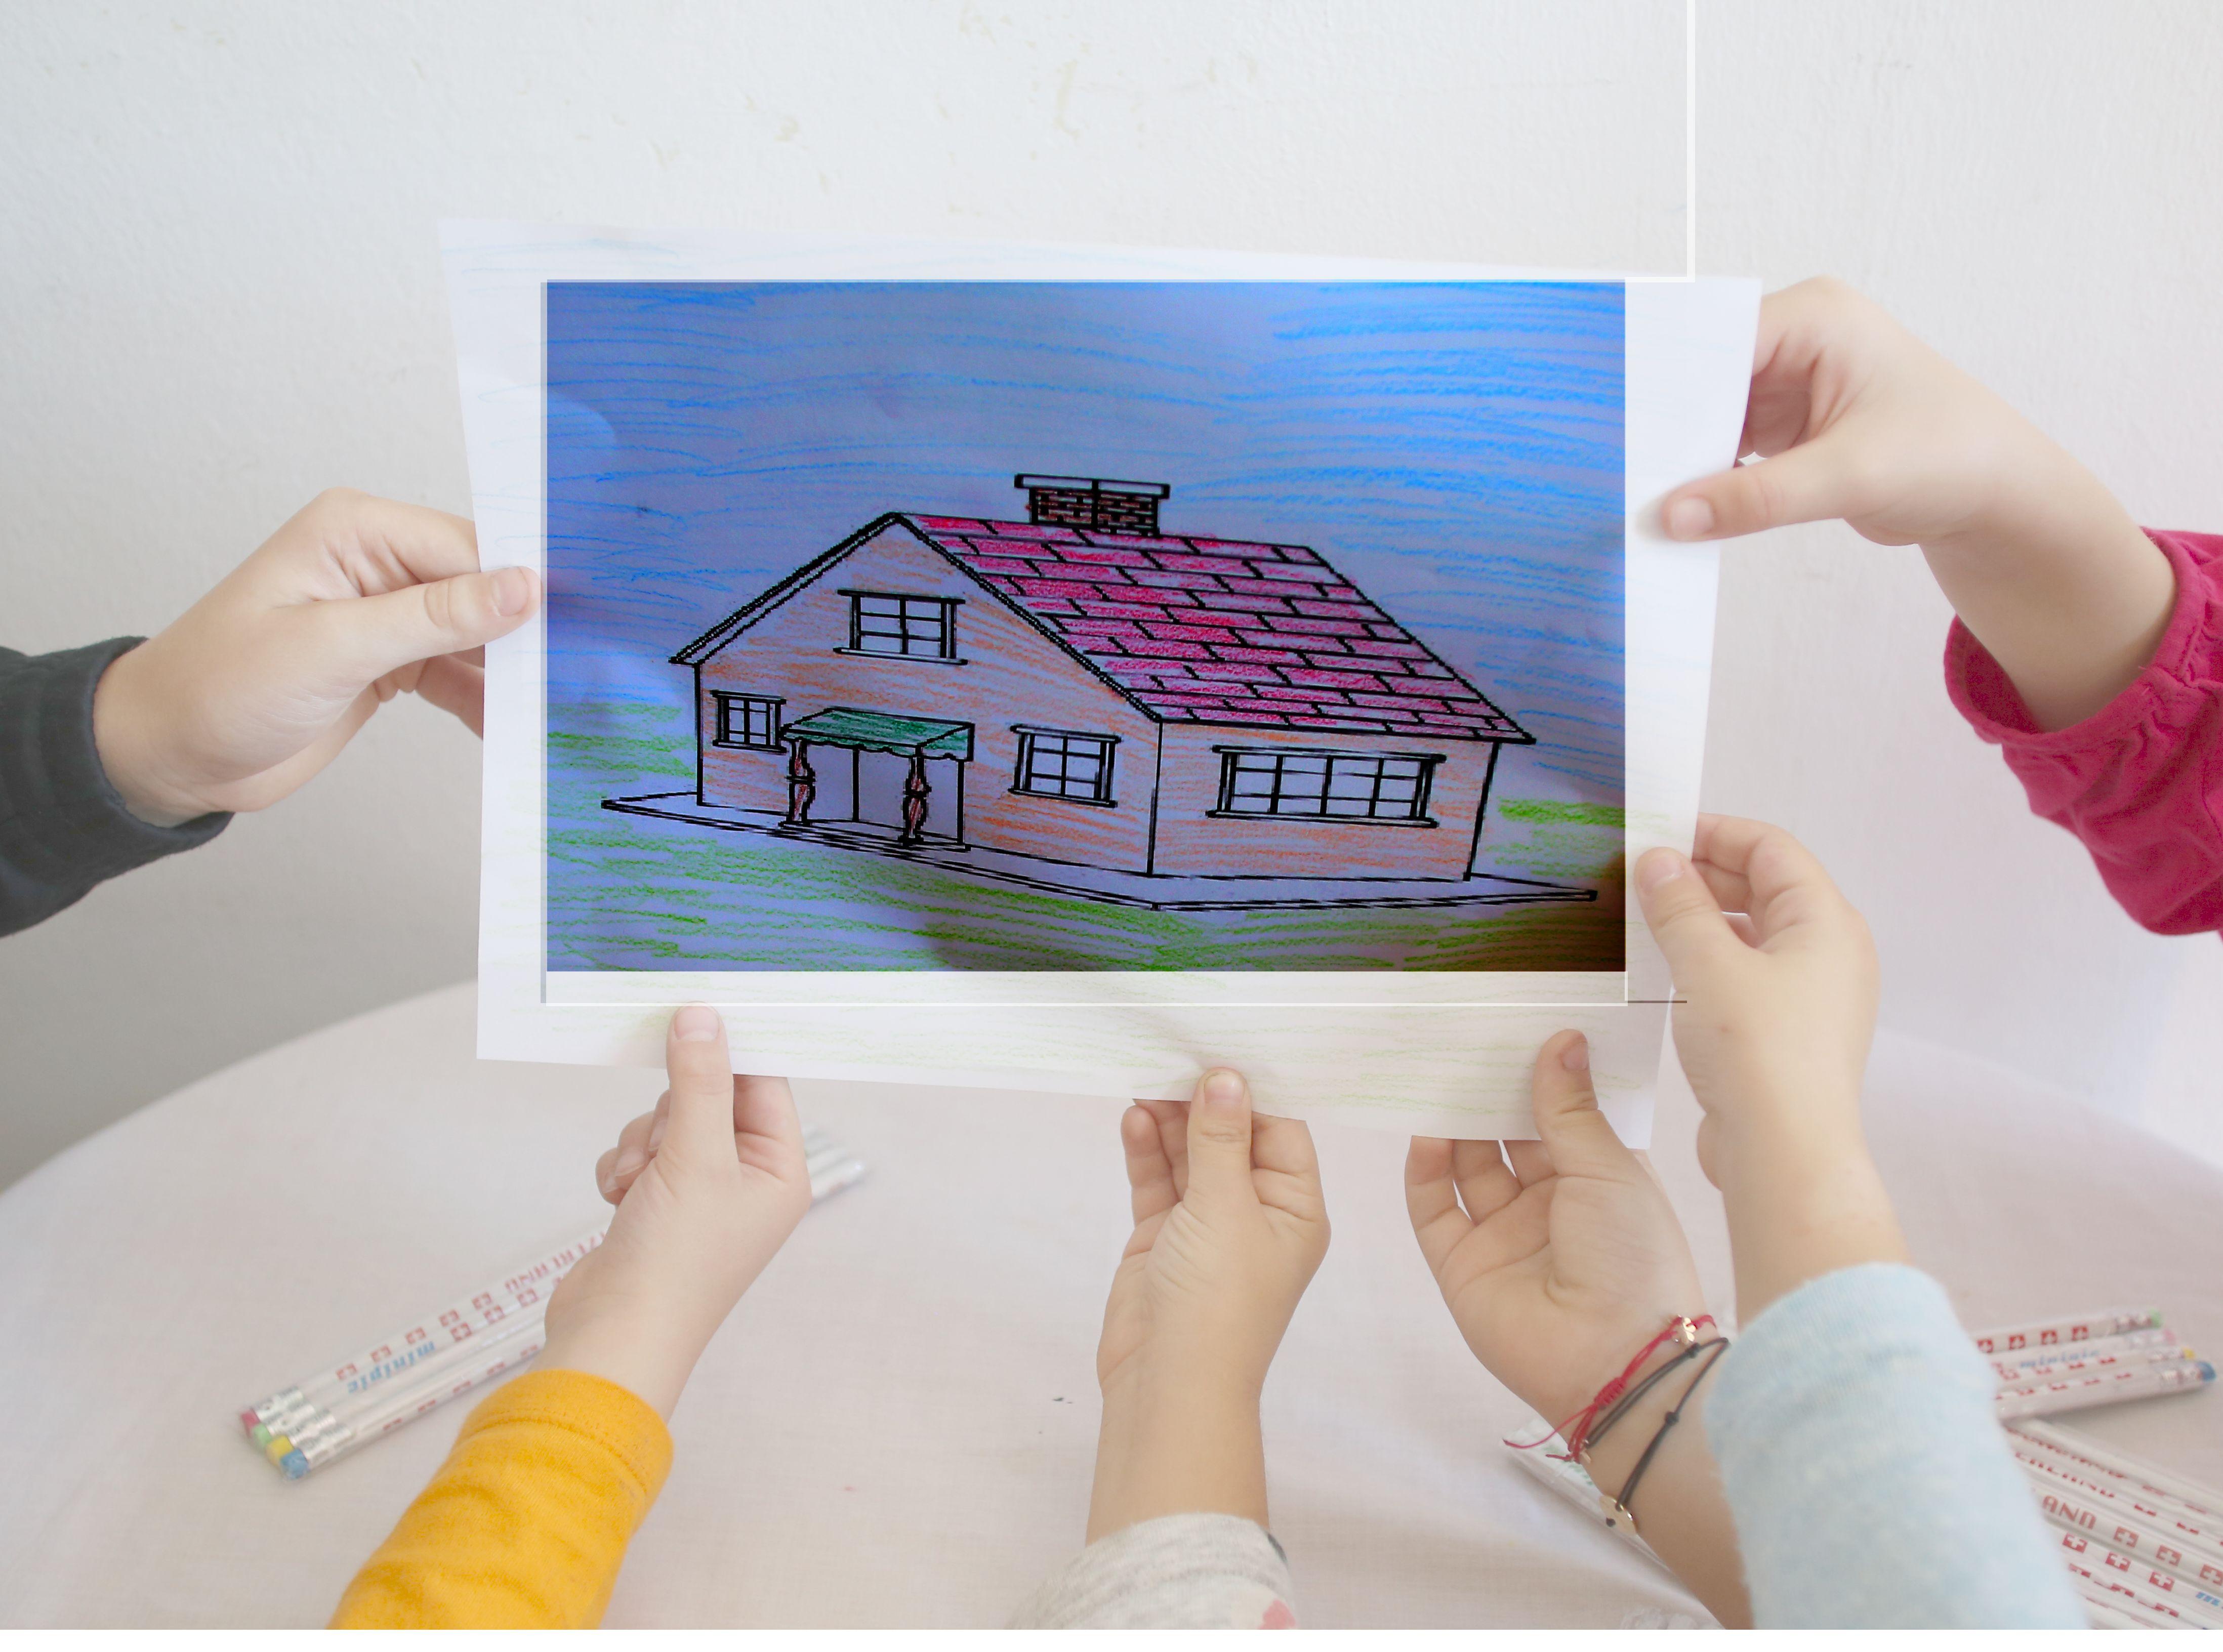 """""""Casa albastră"""", acasă pentru tinerii nimănui: Fără sprijin, copiii care ies din sistemul de protecție ajung direct în stradă"""